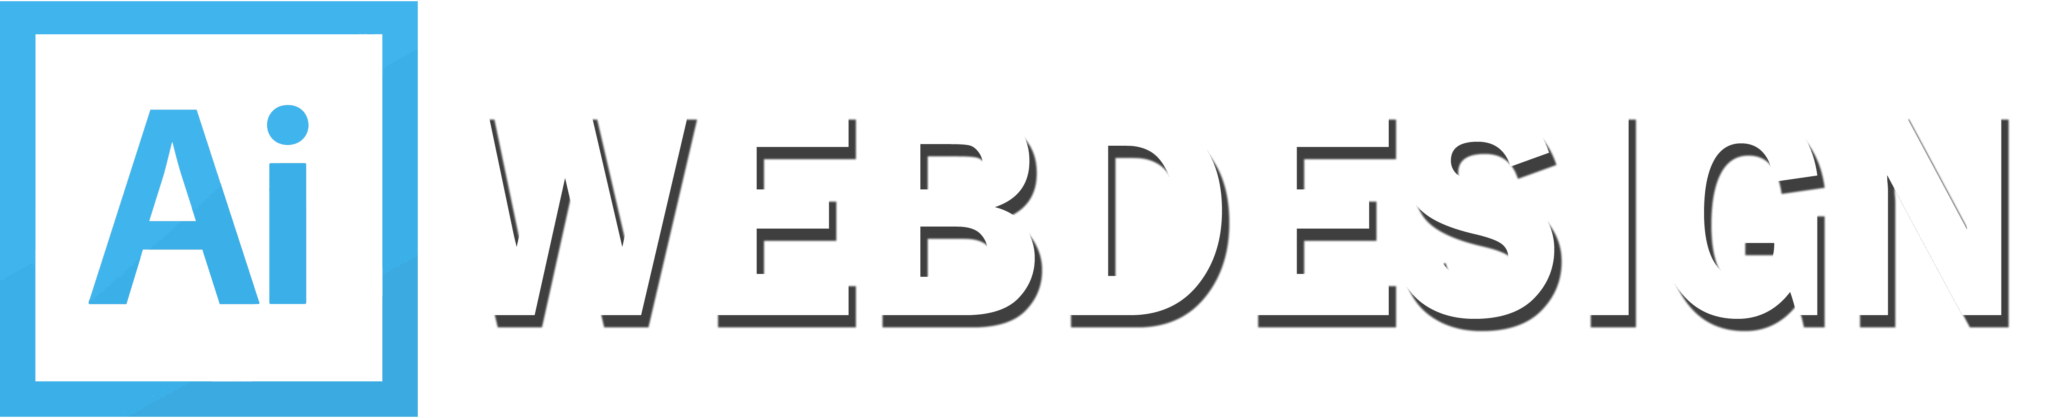 Ai-Webdesign Bern - Agentur für Onlineshops, Websites